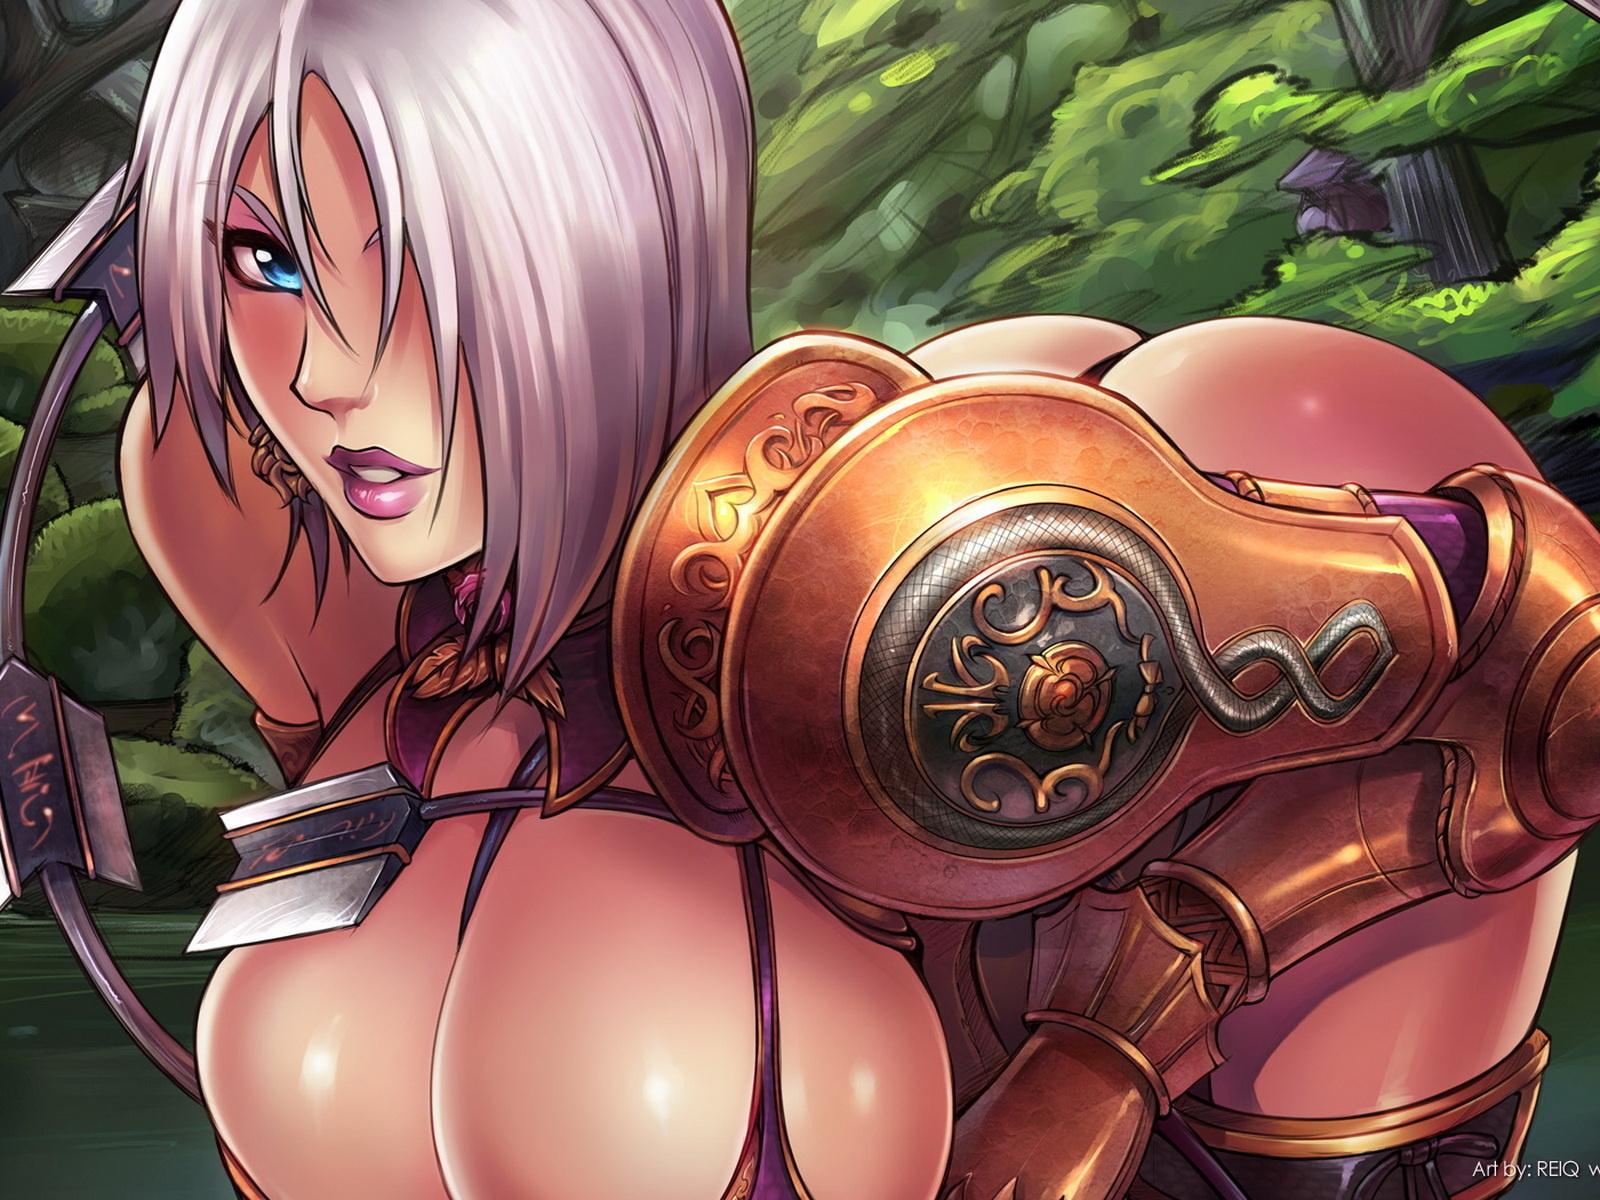 Рисованные аниме с большой грудью 17 фотография